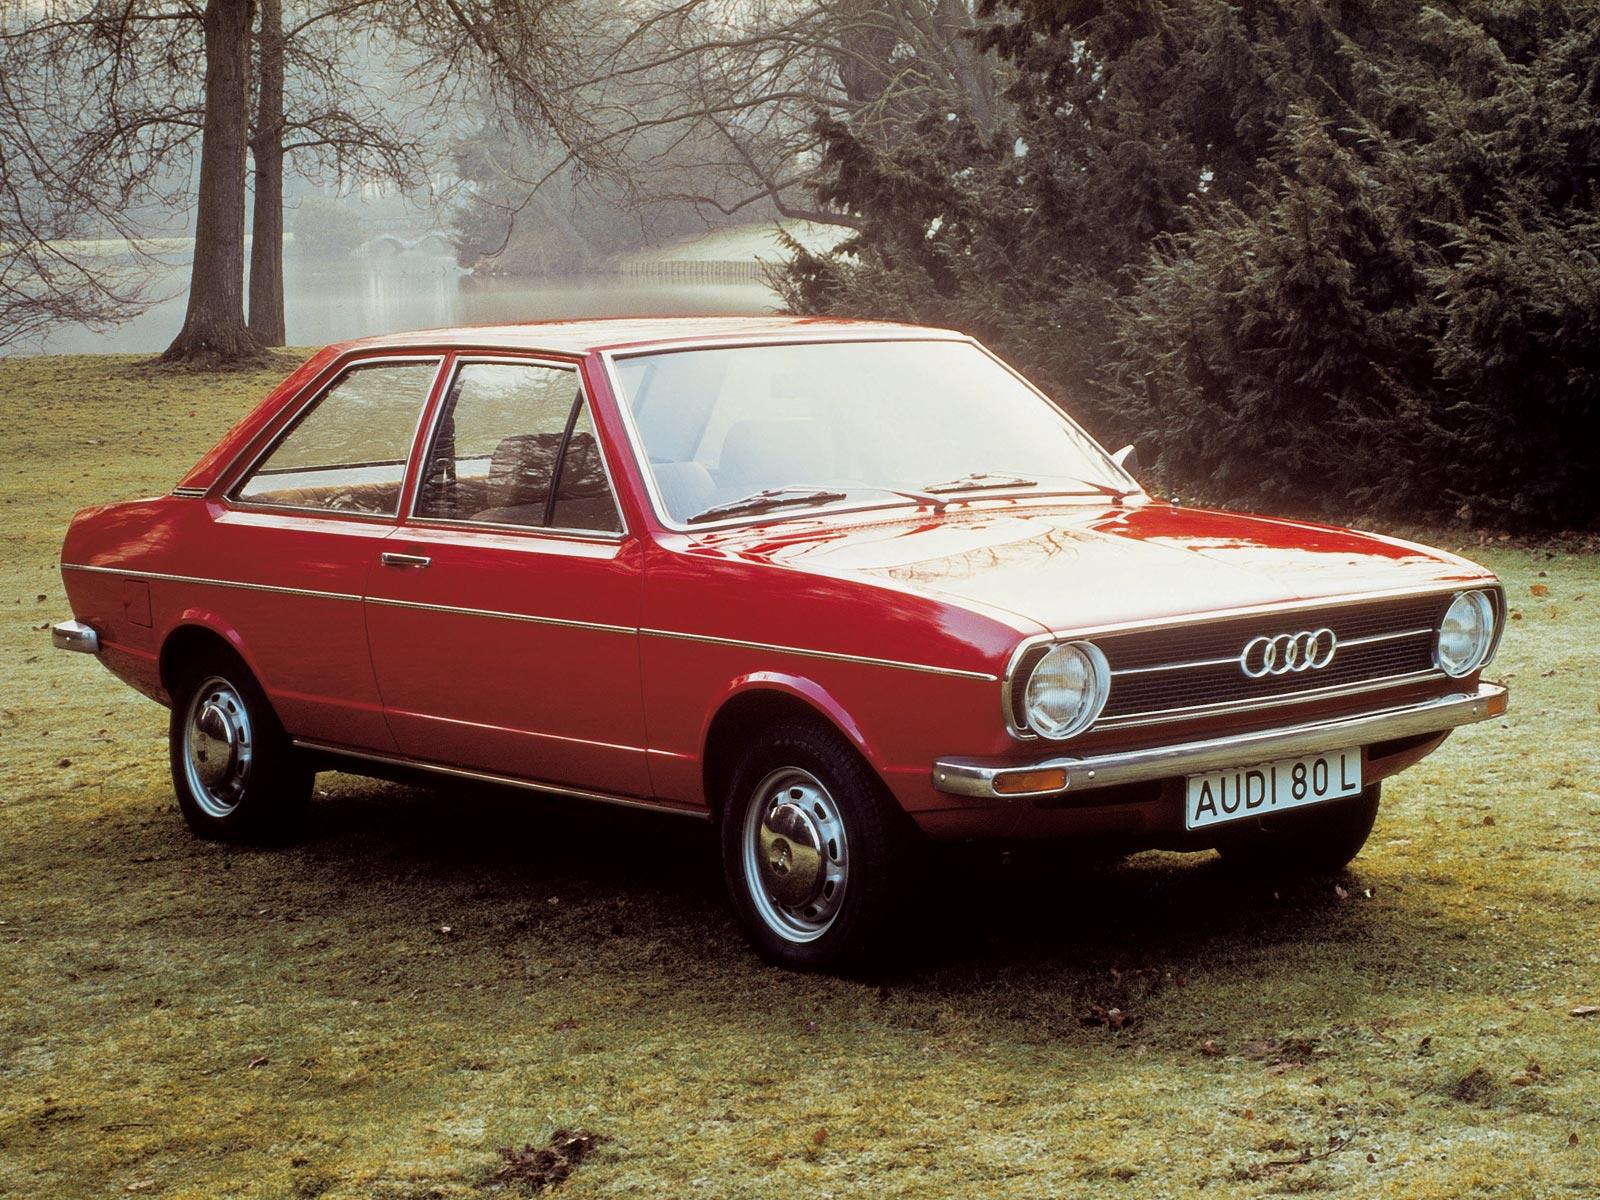 Audi 80 c